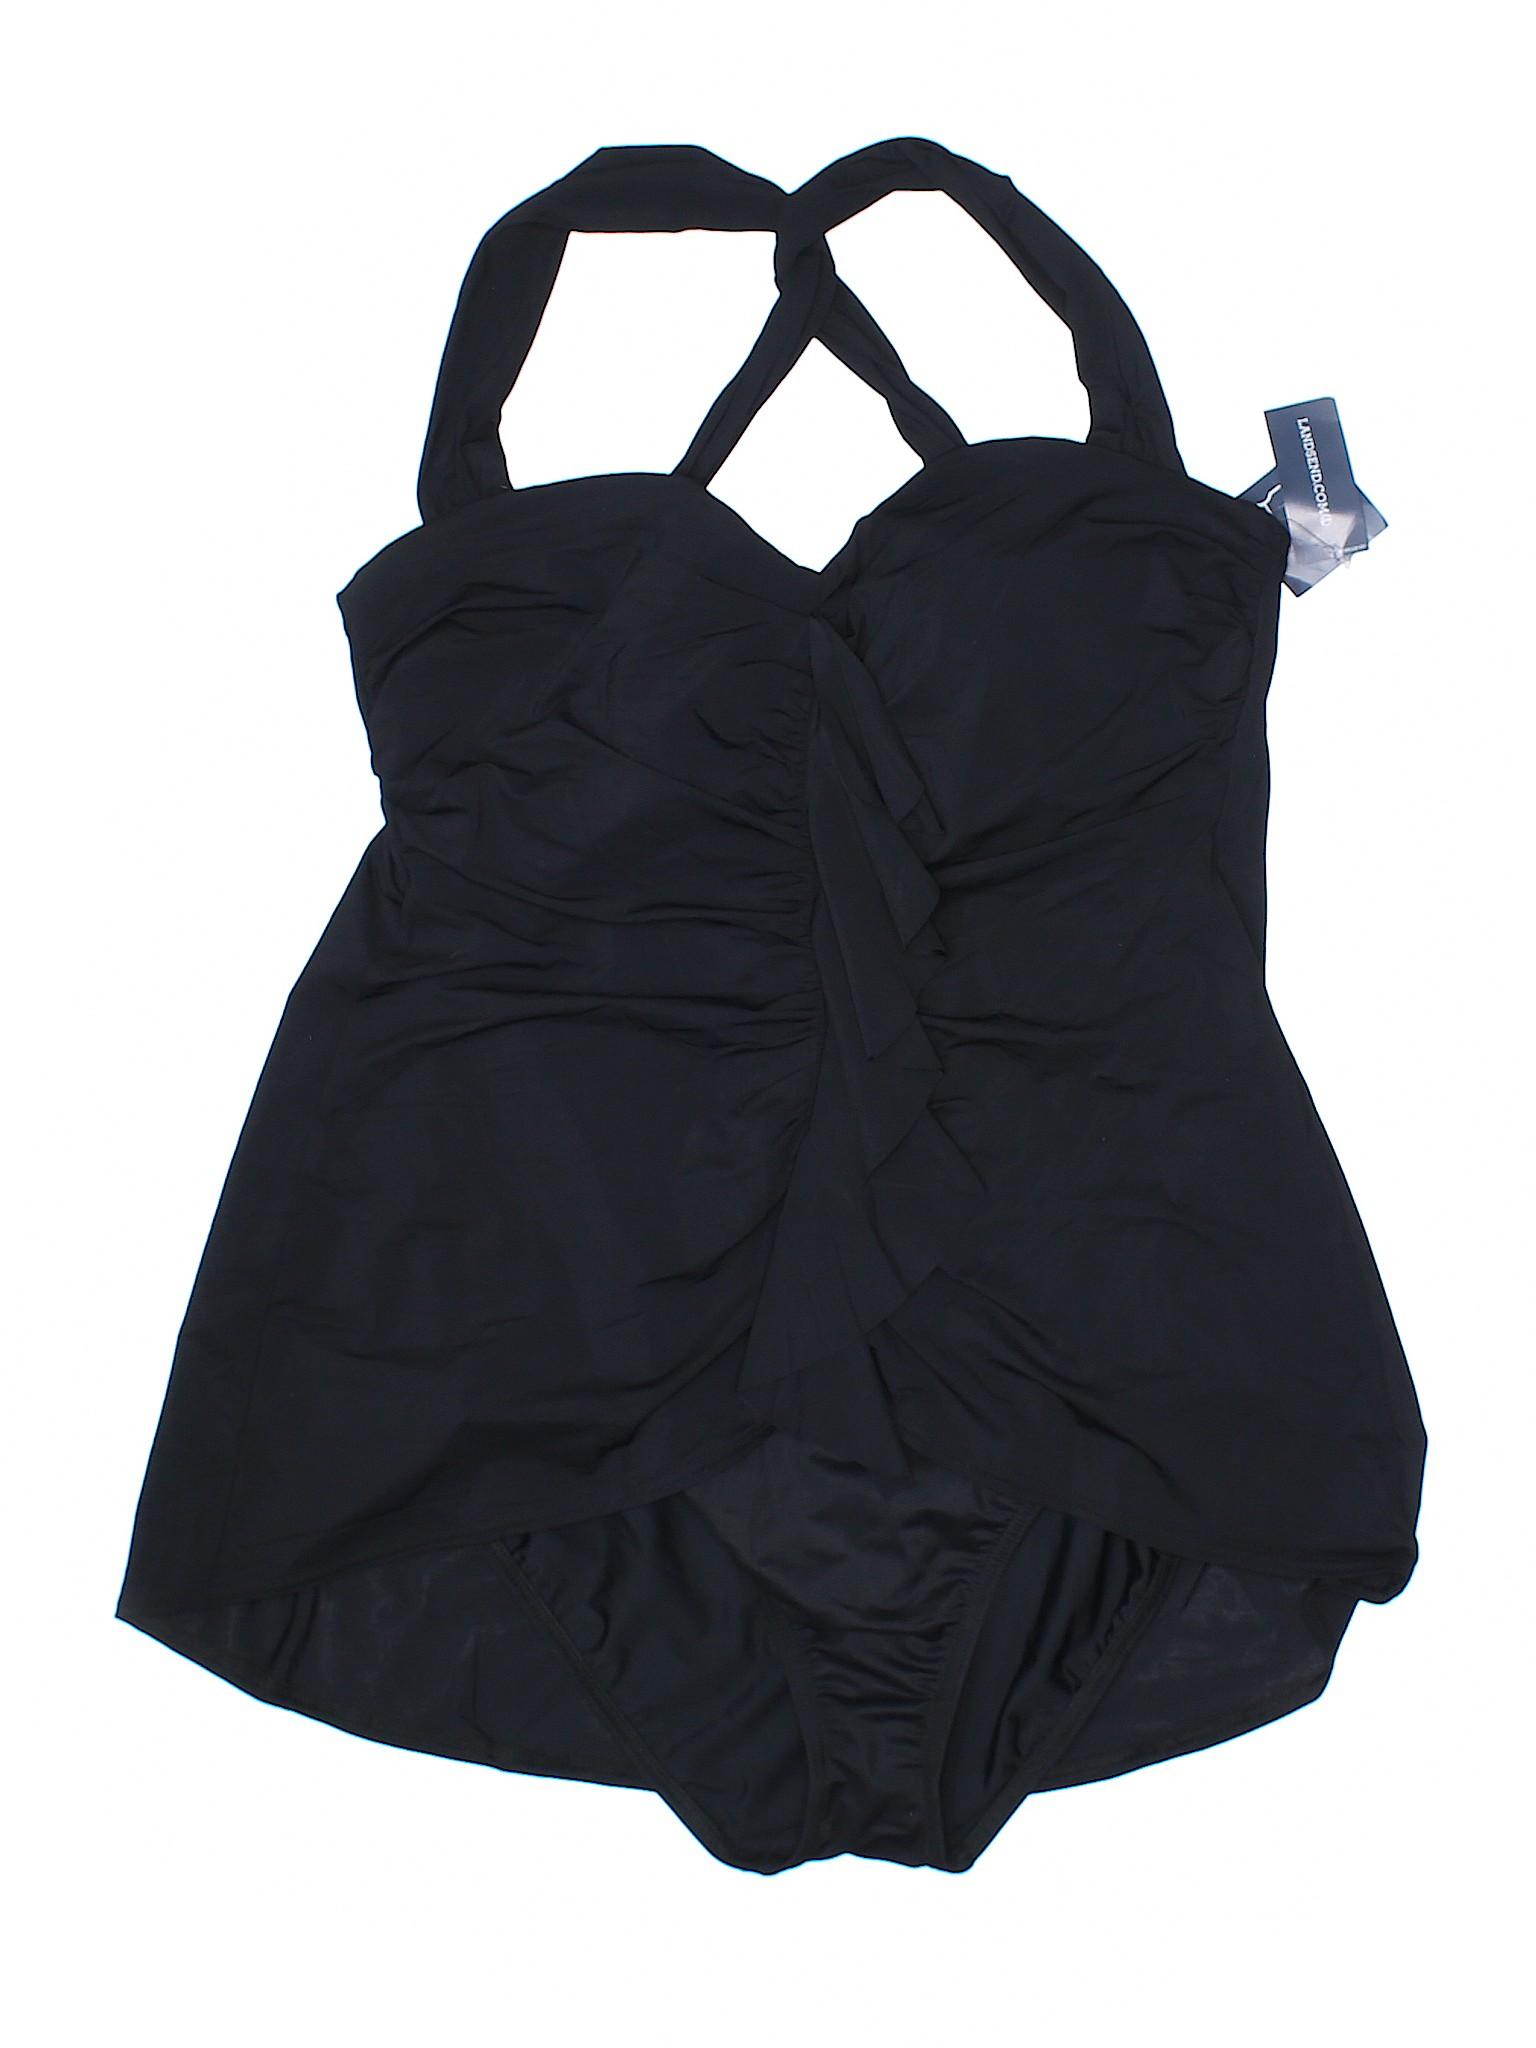 End Lands' Piece Swimsuit One Boutique 0wRfq0